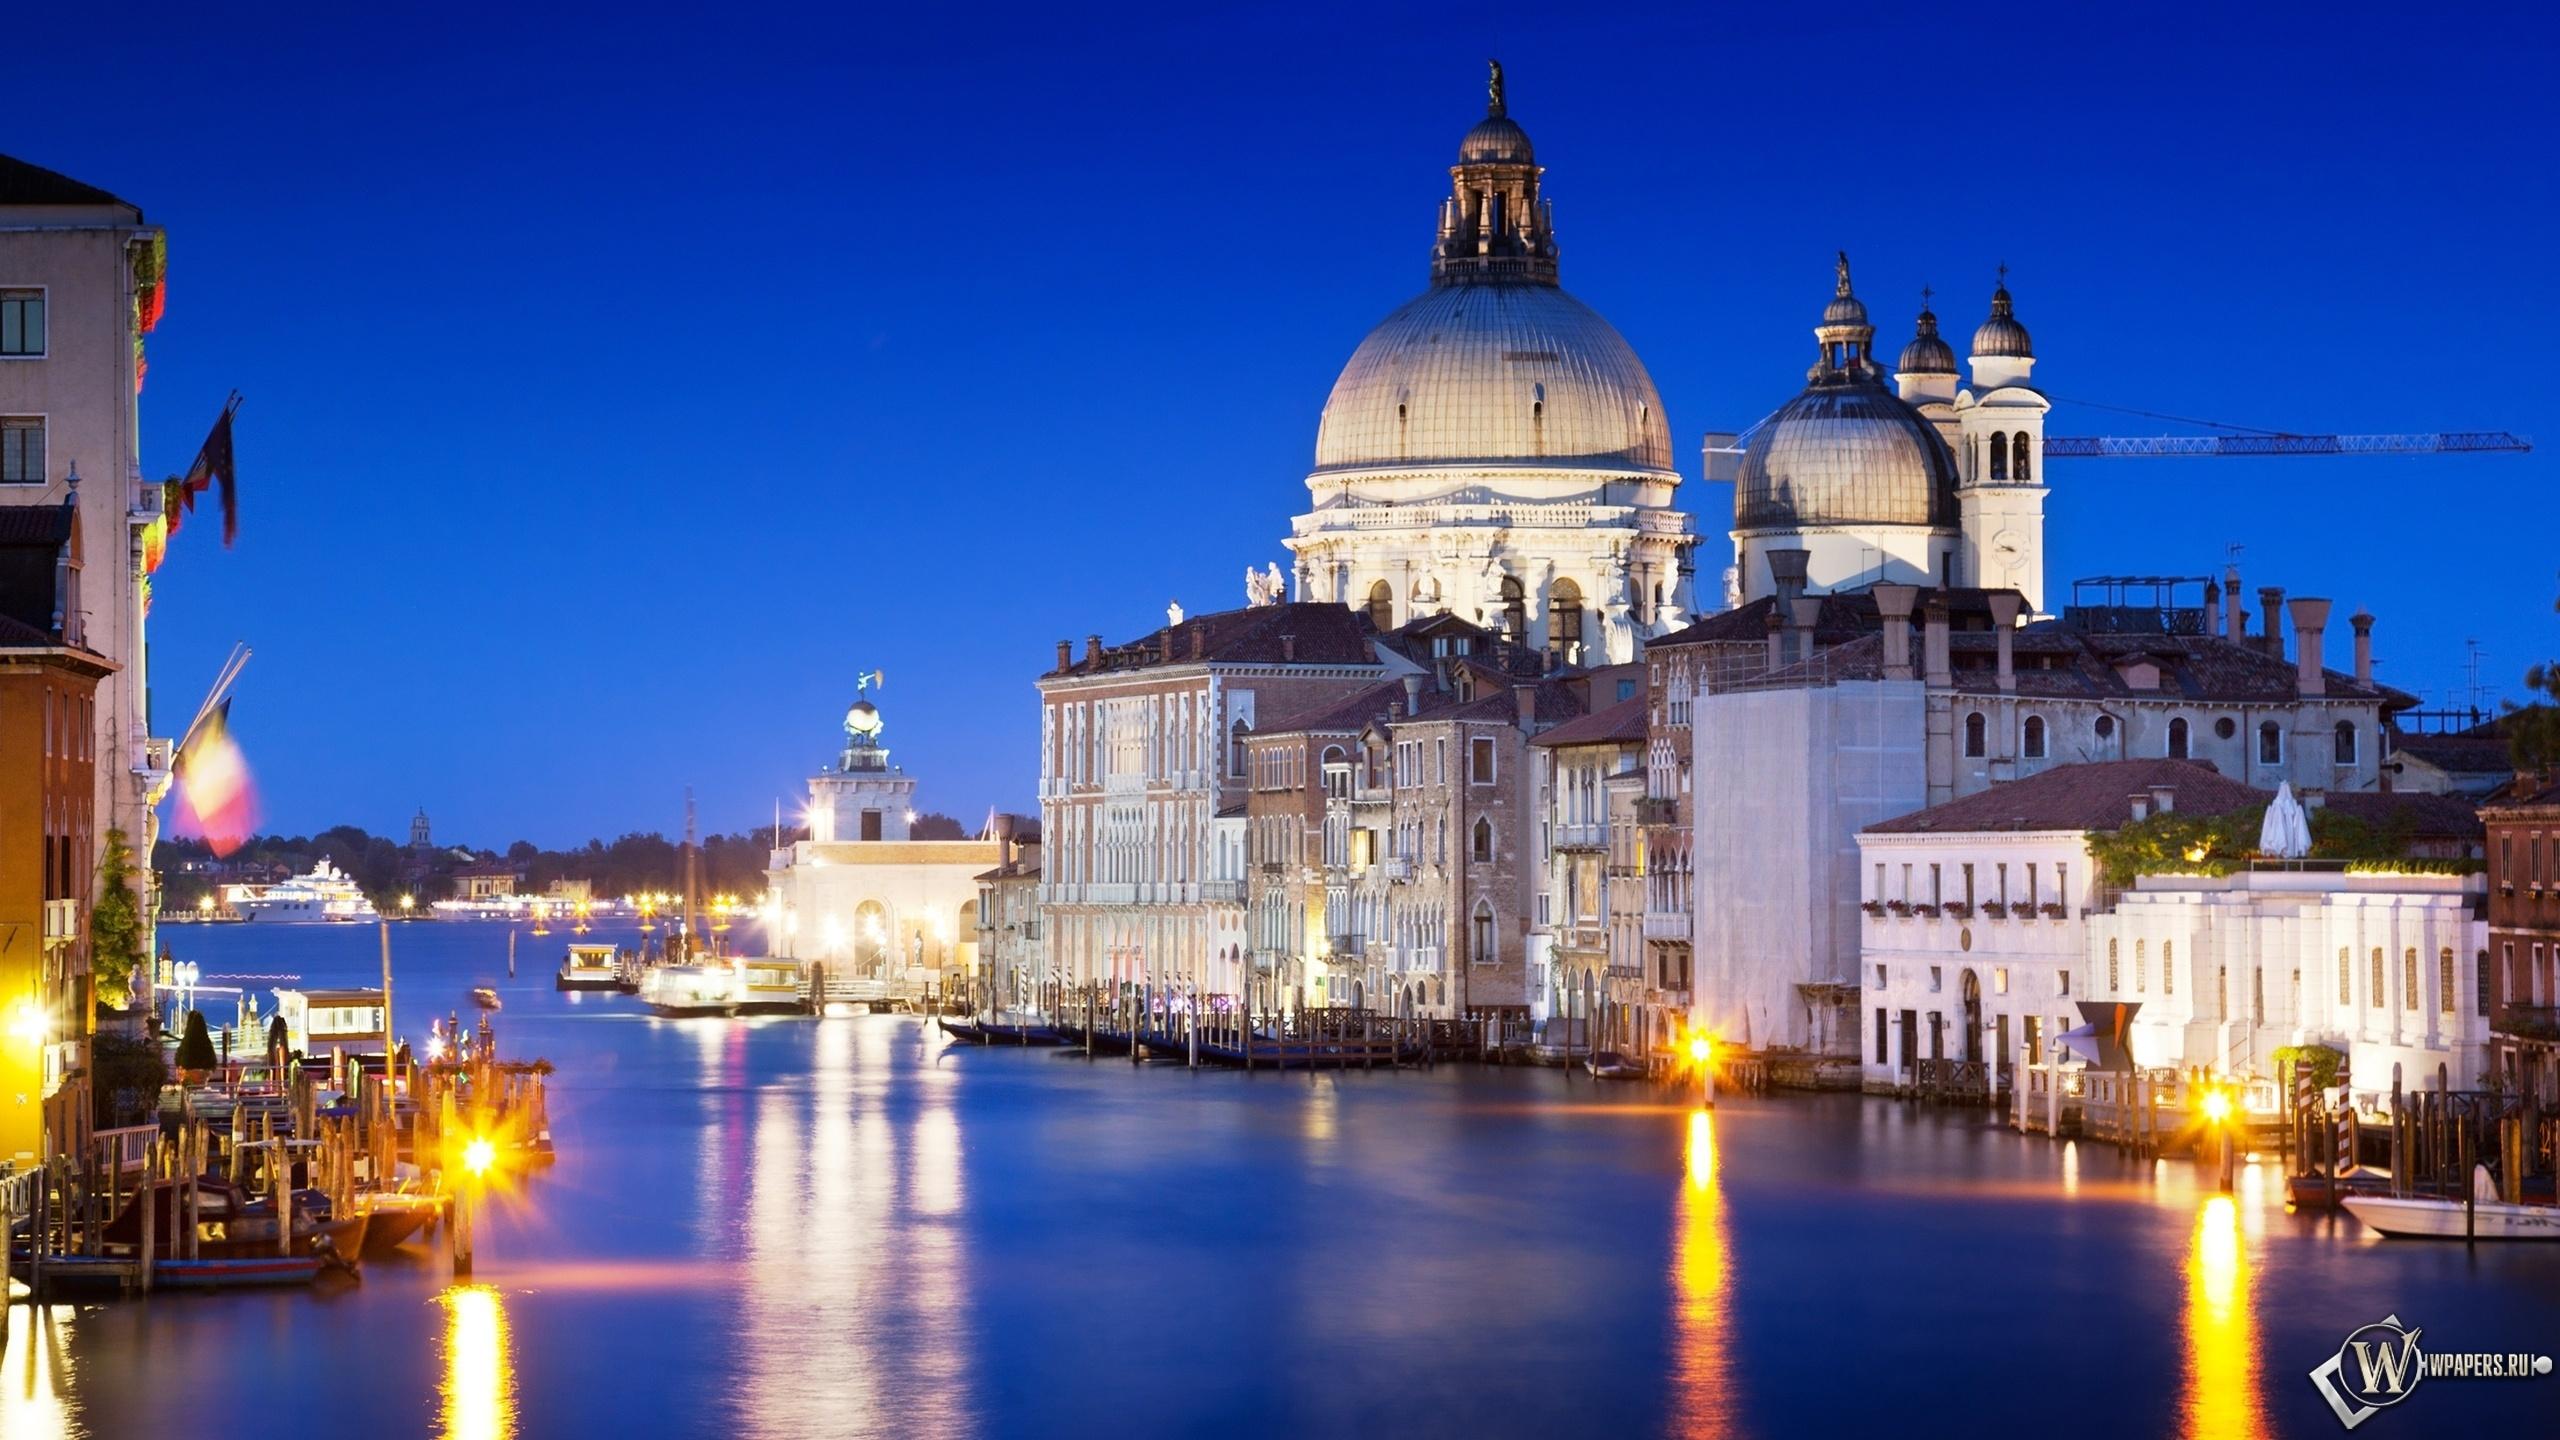 Италия Венеция 2560x1440